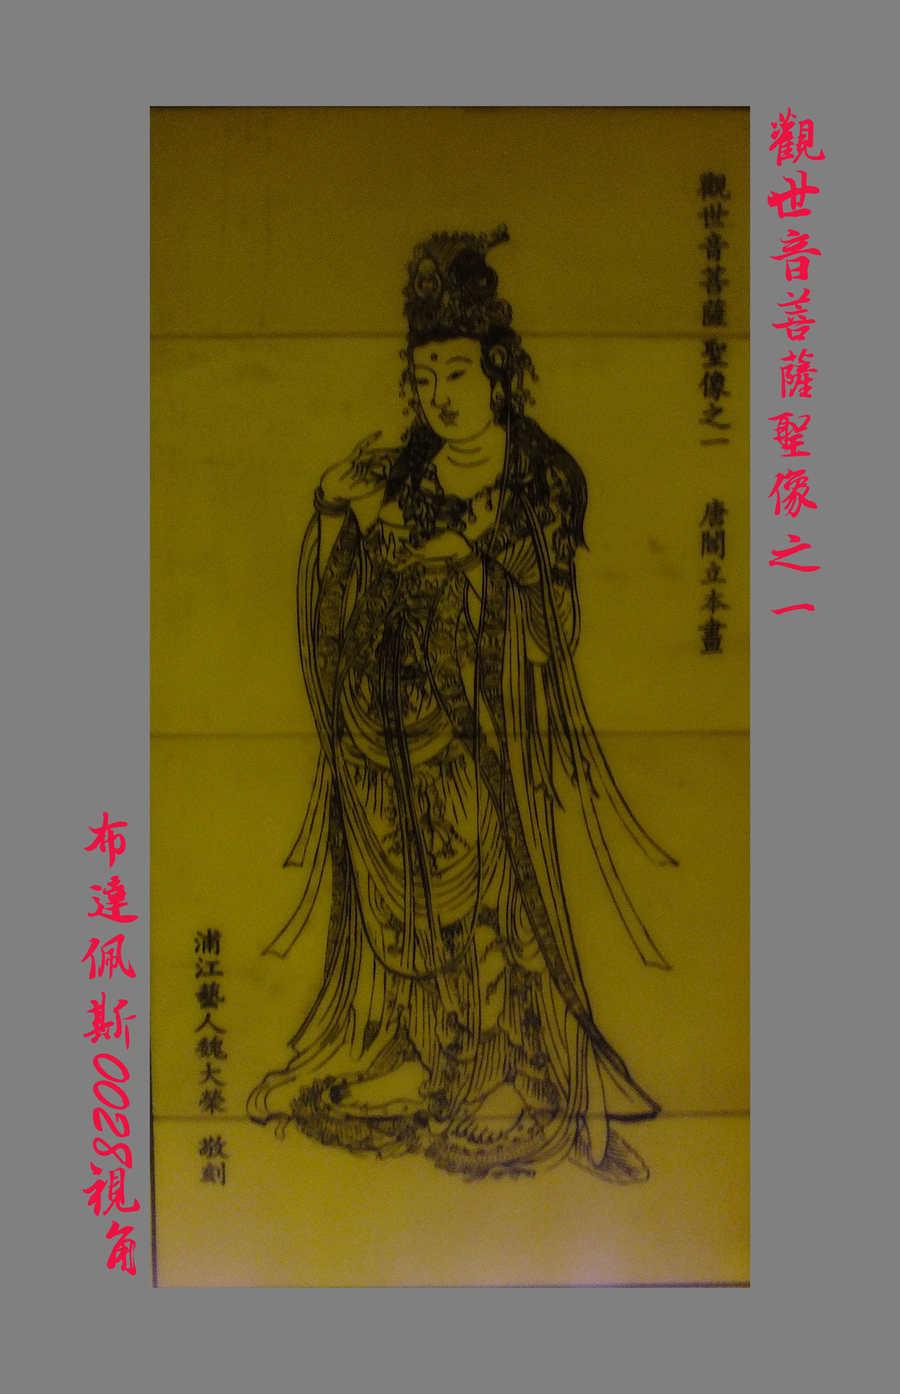 与大势至菩萨同为西方极乐世界阿弥陀佛之胁侍,世称西方三圣.观图片